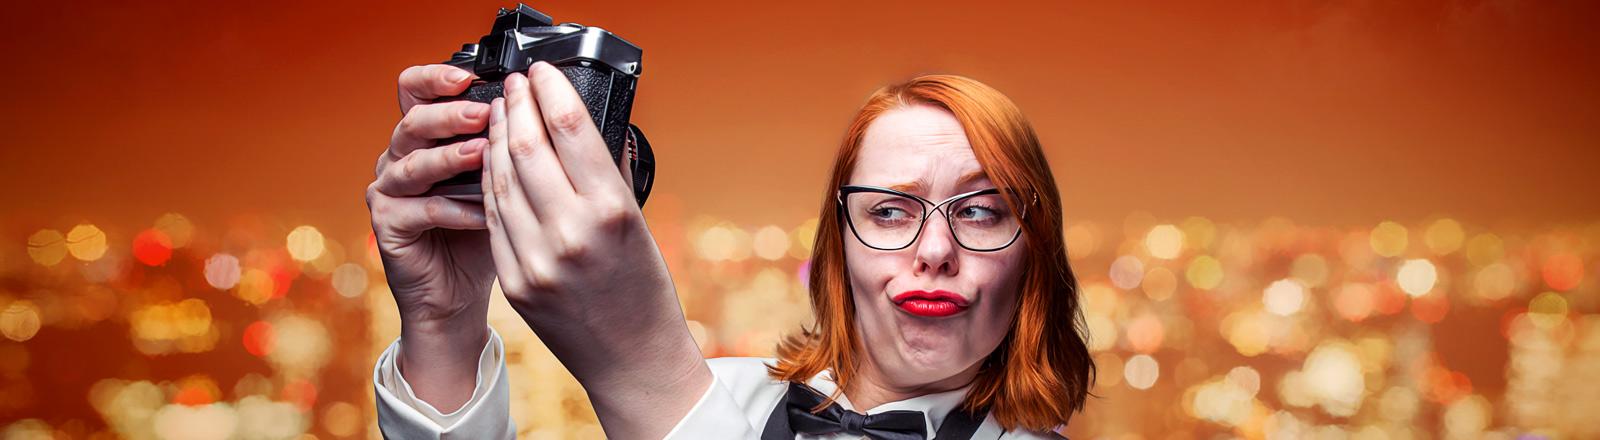 Eine Frau im weißen Smoking zieht eine Fotogrimasse.